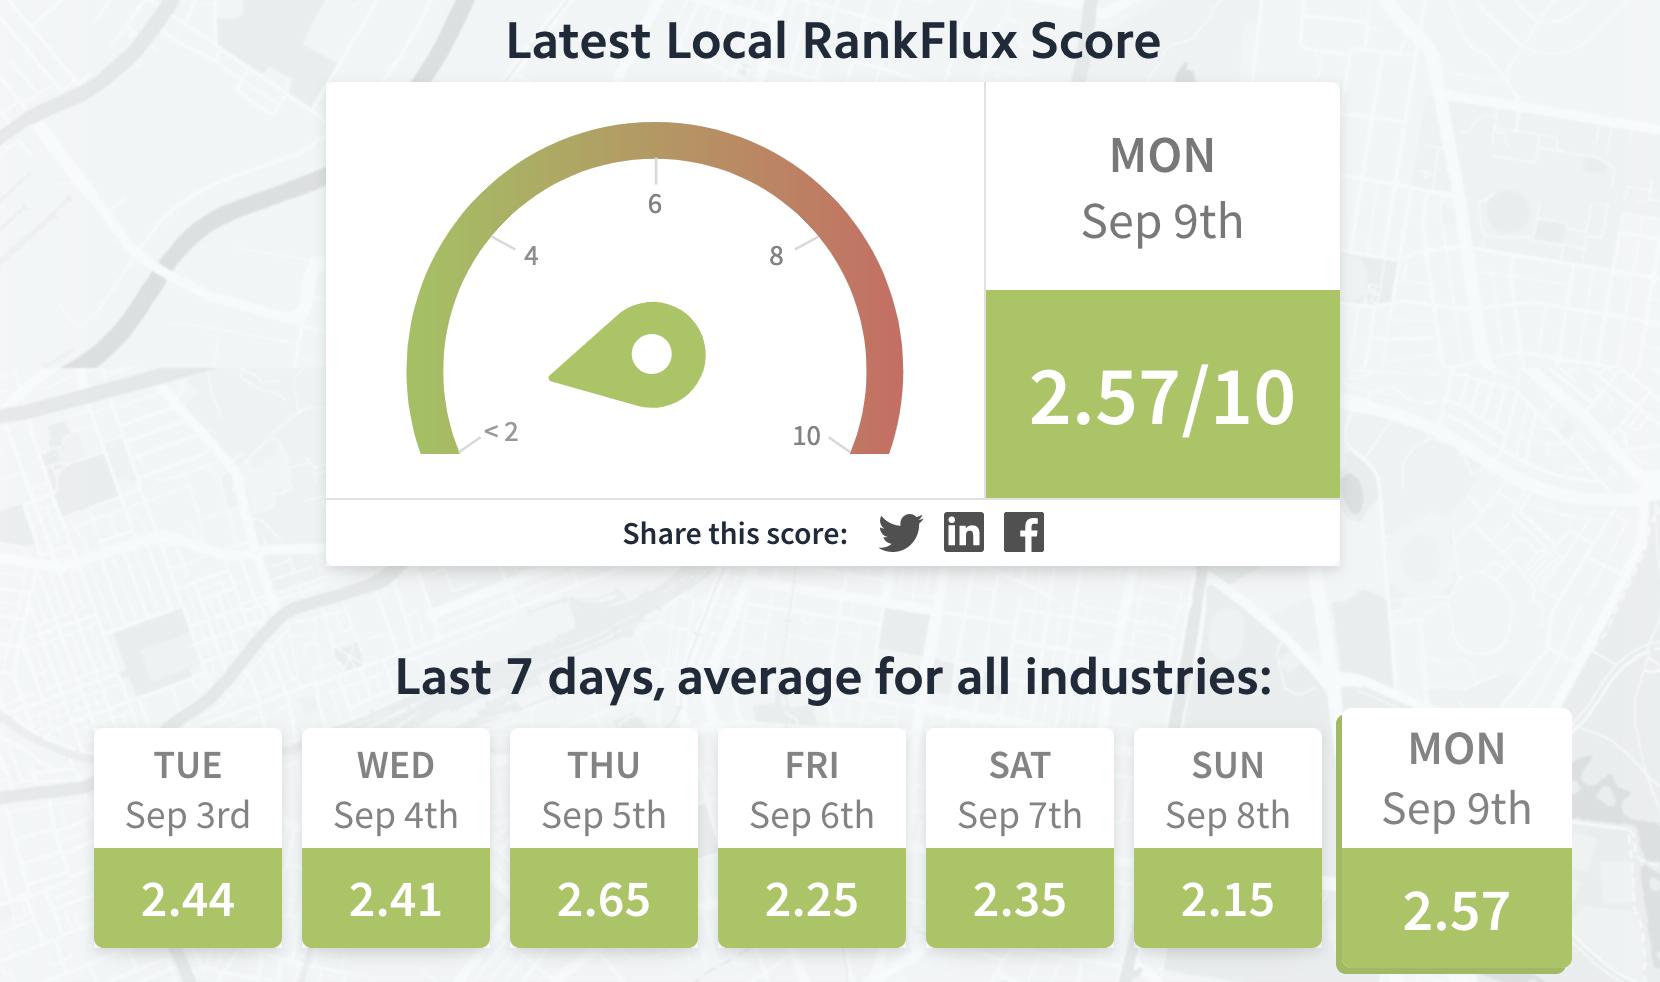 Local RankFlux Score